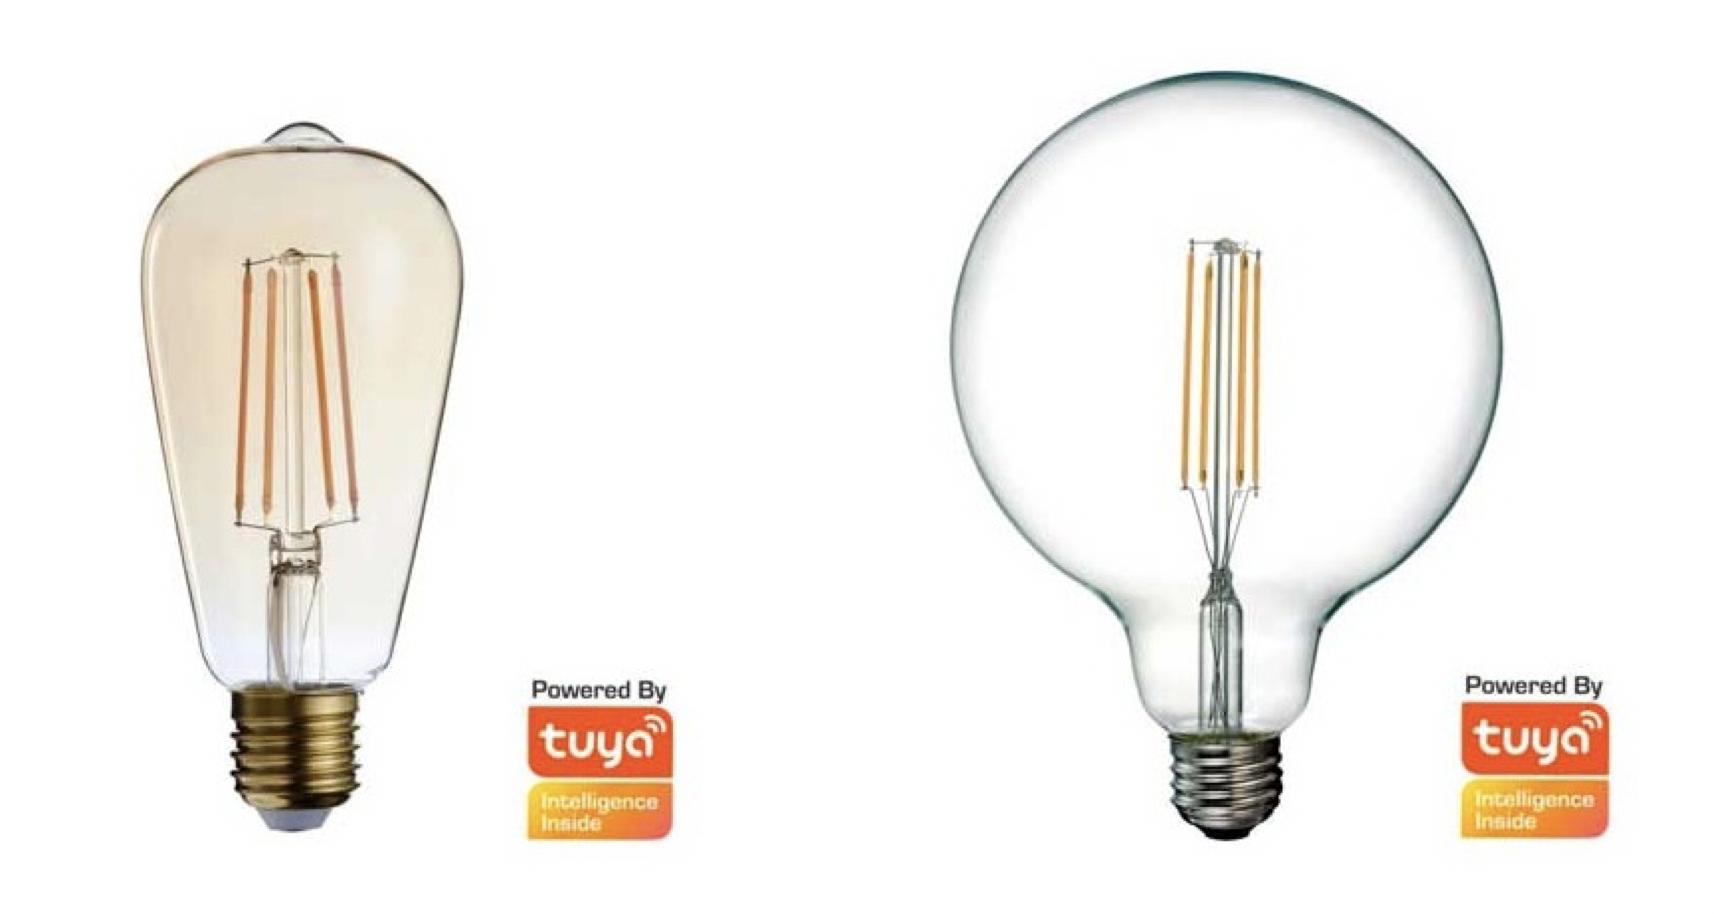 Bombillas inteligentes compatibles con Google Home y Alexa. Comprar bombillas inteligentes para el hogar, oficina y negocio.